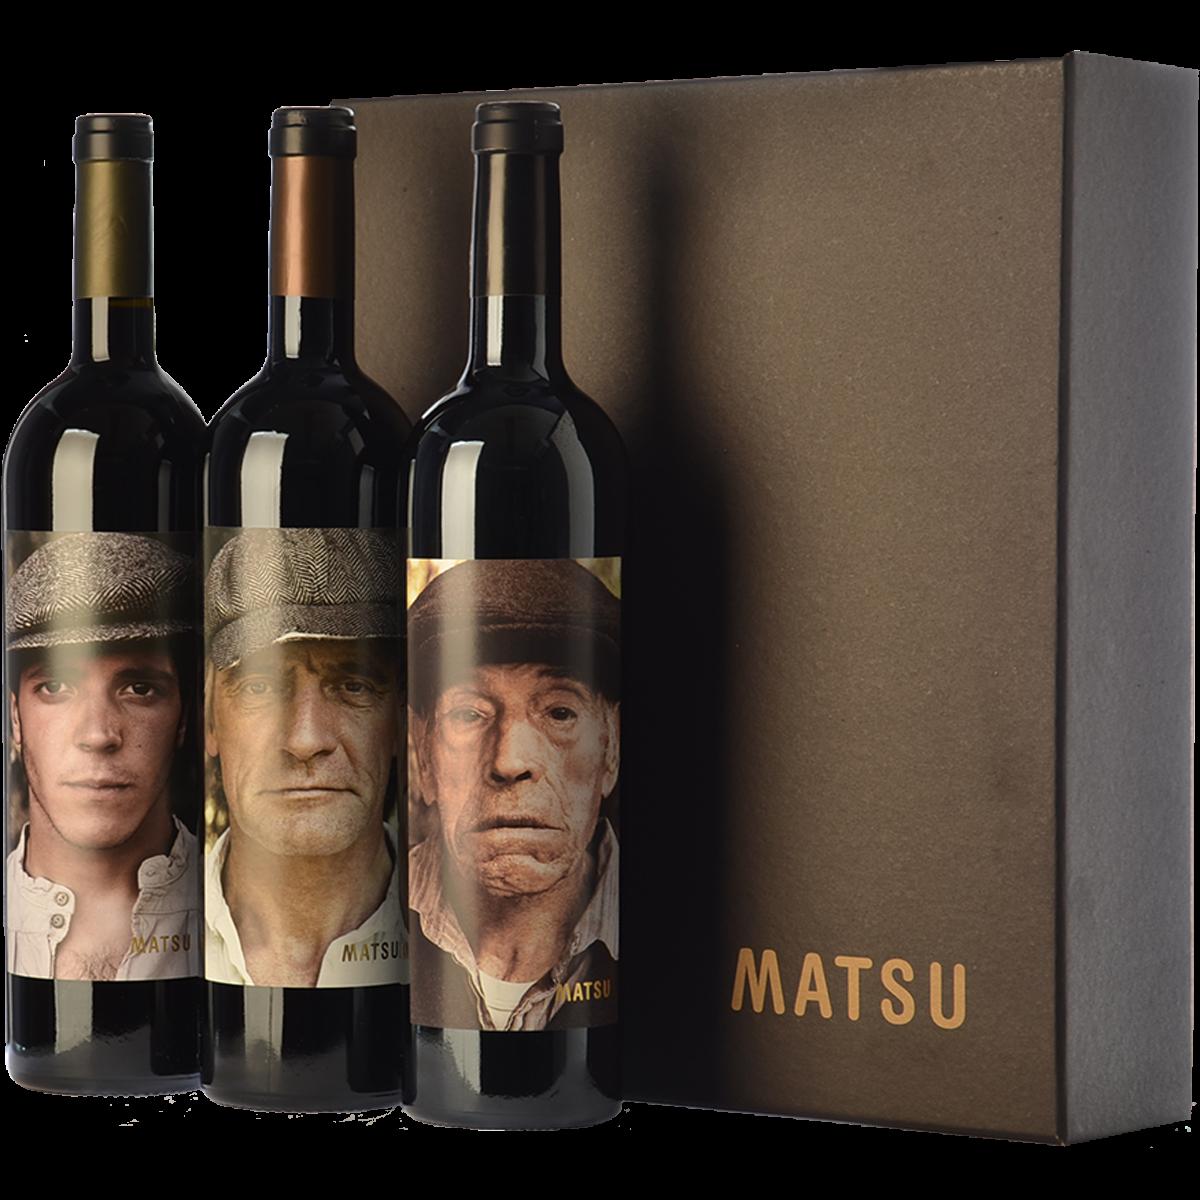 Matsu gift box